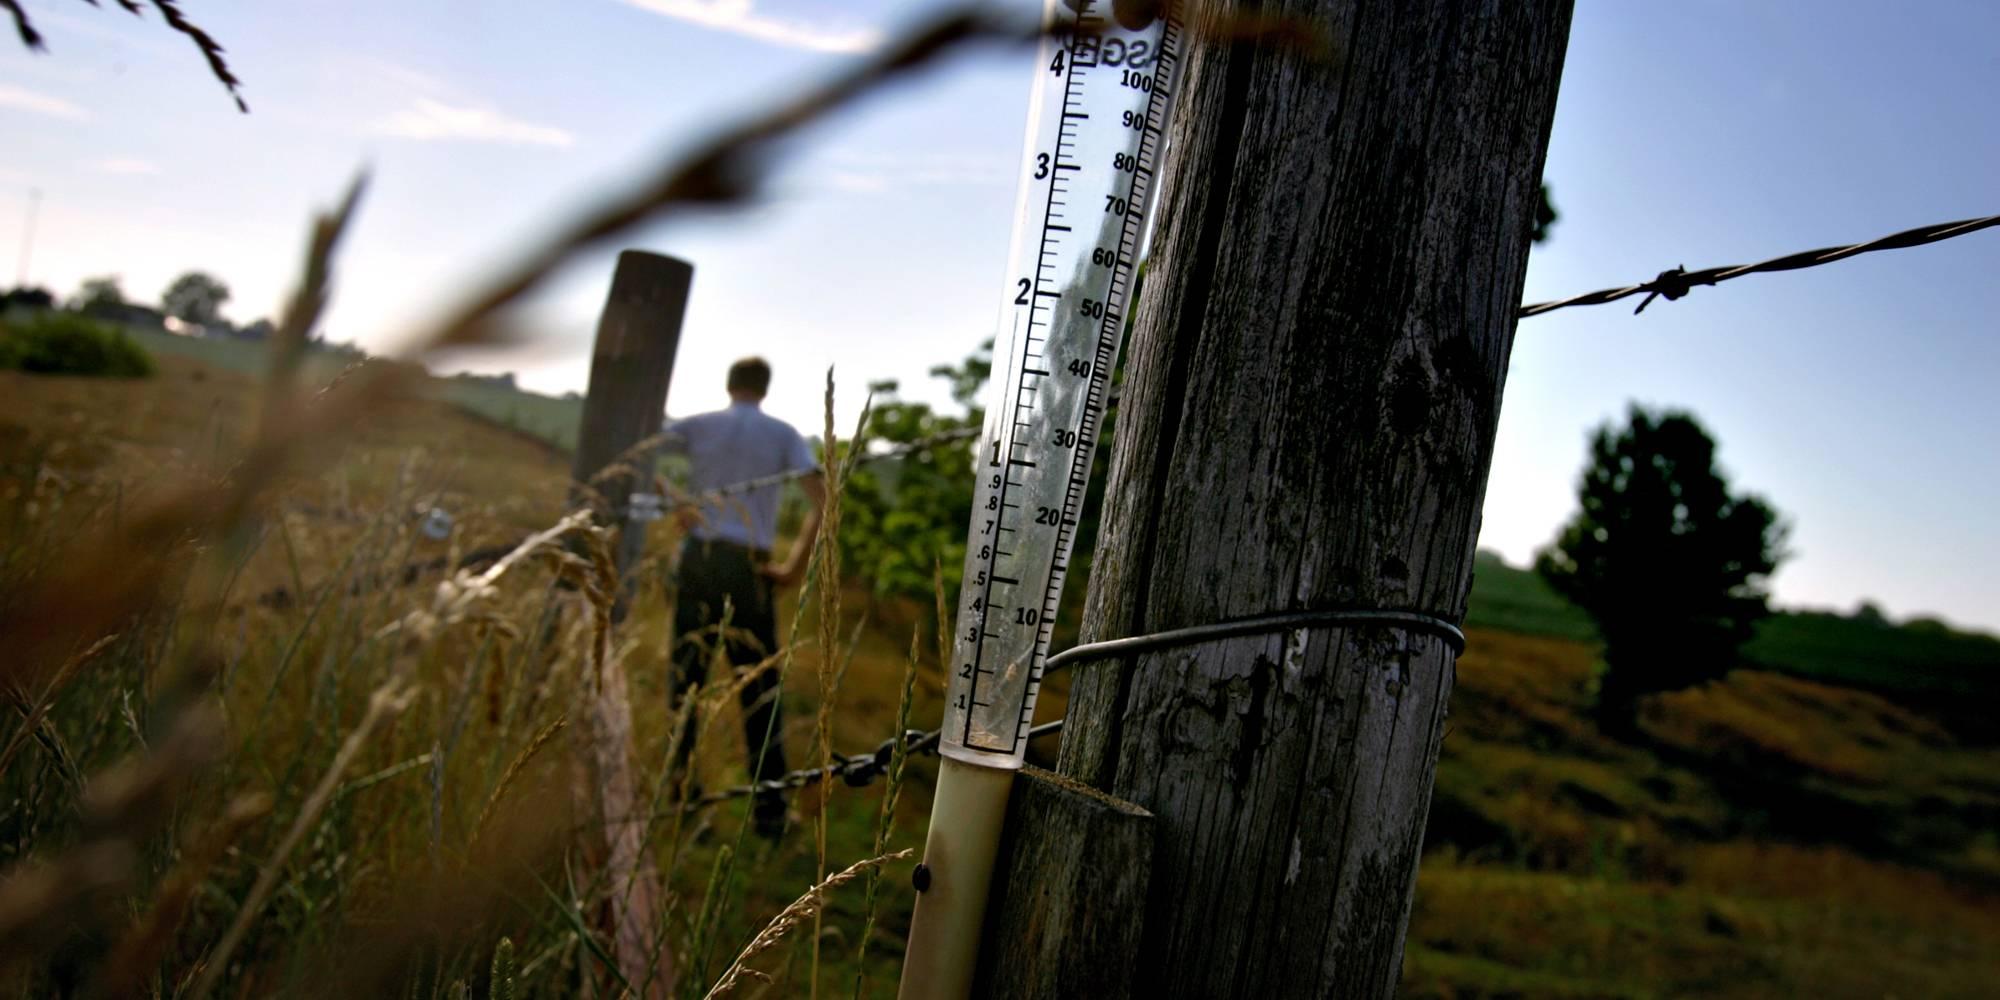 10 de julio de 2005. Un pluviómetro vacío en el poste de una cerca en una granja de Illinois.